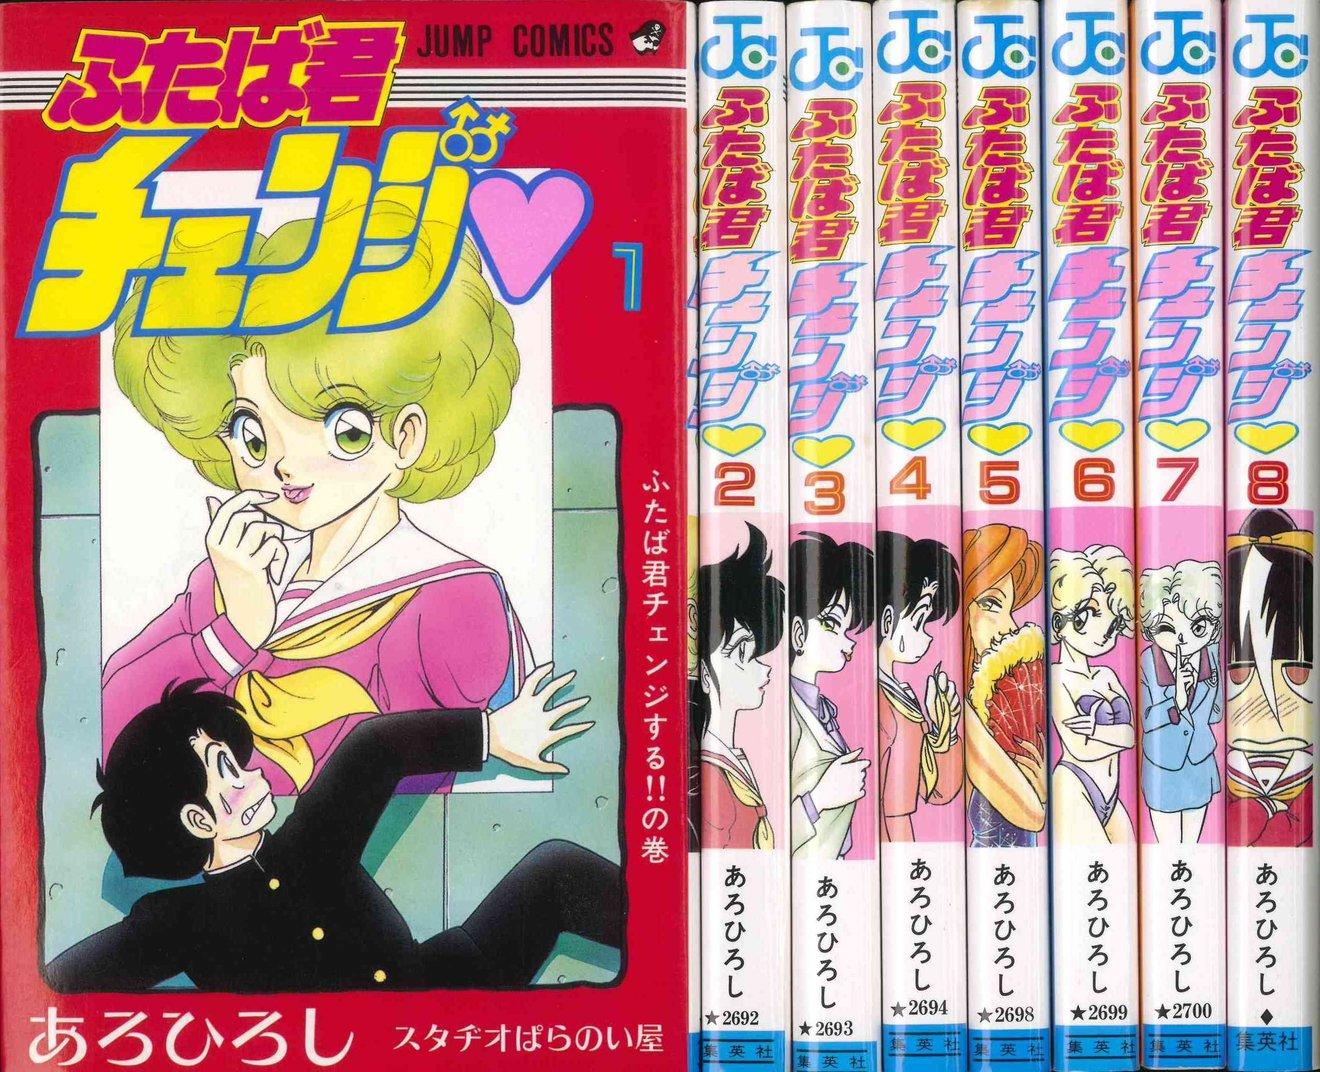 おすすめTS漫画10選!もともと男なのにこの可愛さは反則!